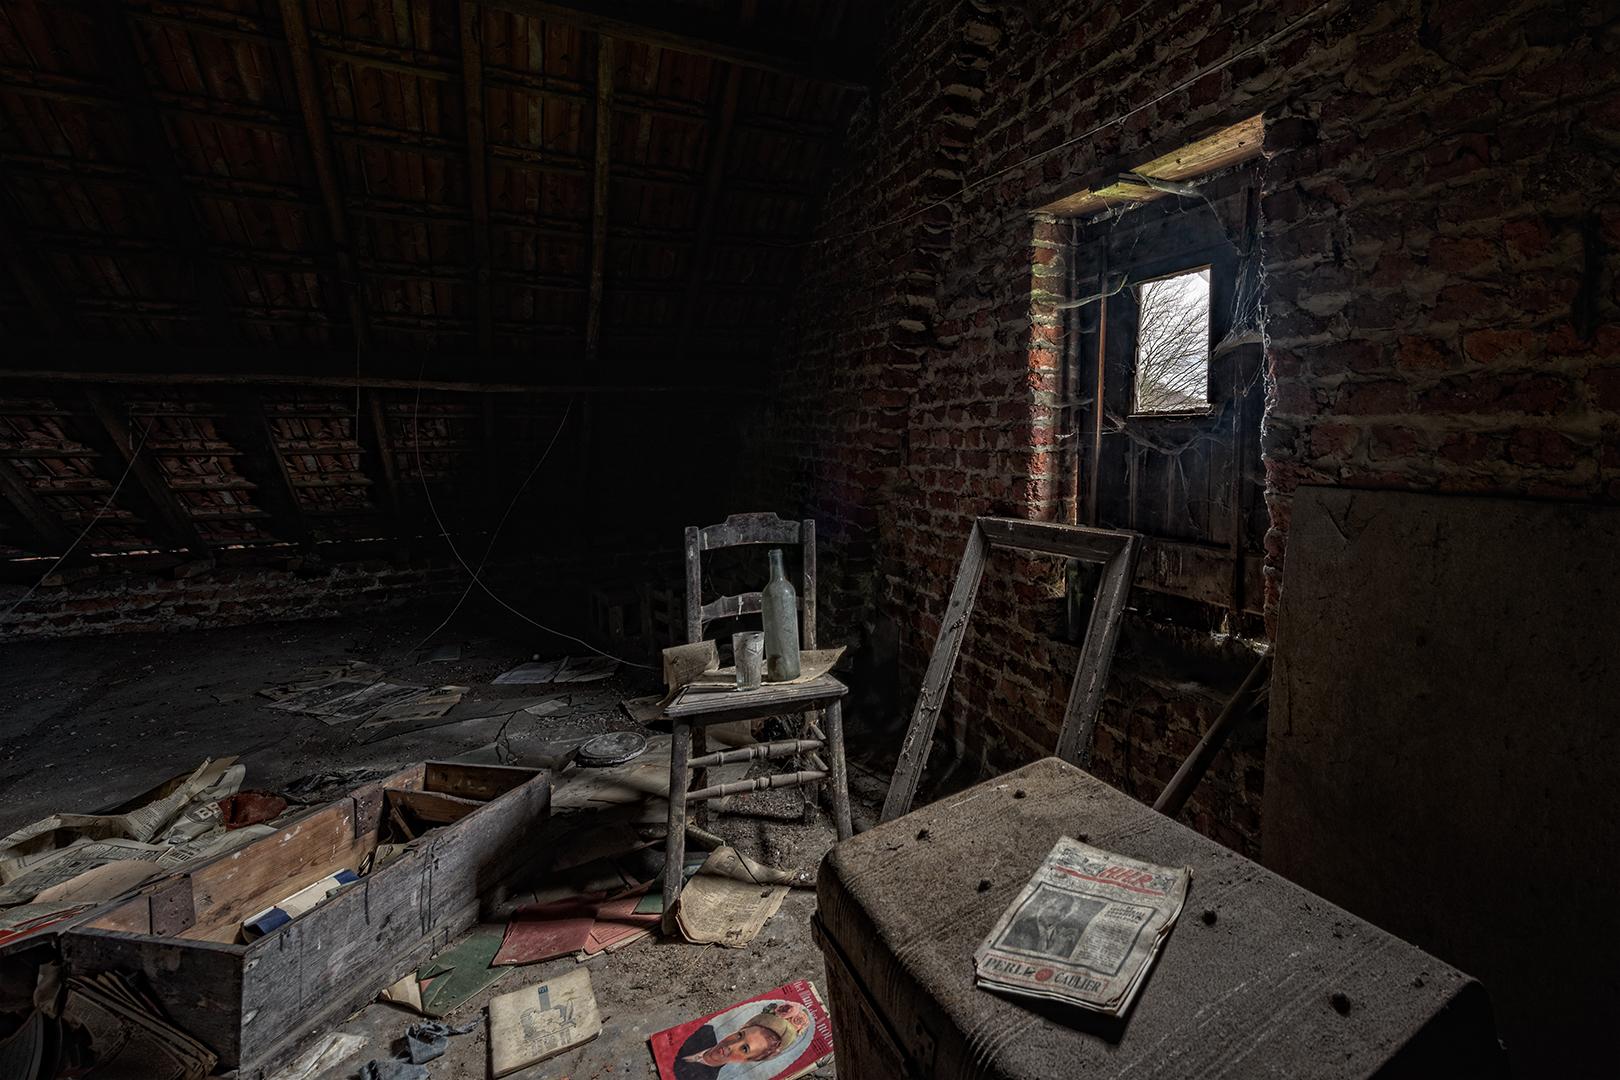 Dachboden einer alten Maison